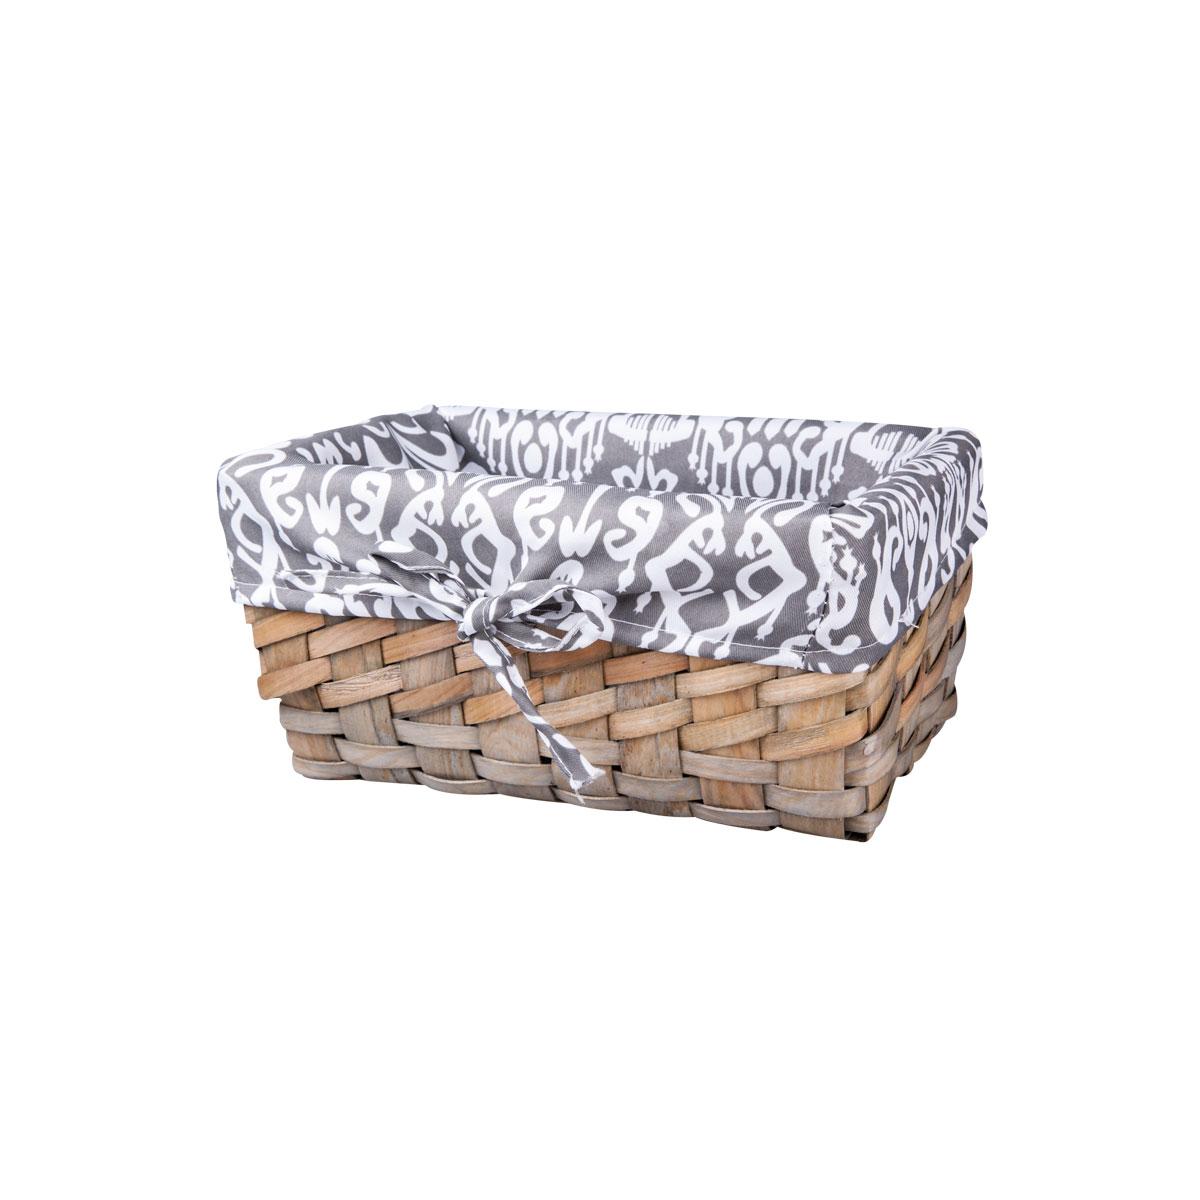 Корзина плетеная Miolla, 27 х 16 х 13 см. QL400435-SRG-D31SВместительная плетеная корзина для хранения Miolla - отличное решение для хранения ваших вещей. Корзина выполнена из дерева и дополнена текстилем. Подходит для хранения бытовых вещей, аксессуаров для рукоделия и других вещей дома и на даче. Экономьте полезное пространство своего дома, уберите ненужные вещи в удобную корзину и используйте ее для хранения дорогих сердцу вещей, которые нужно сберечь в целости и сохранности.